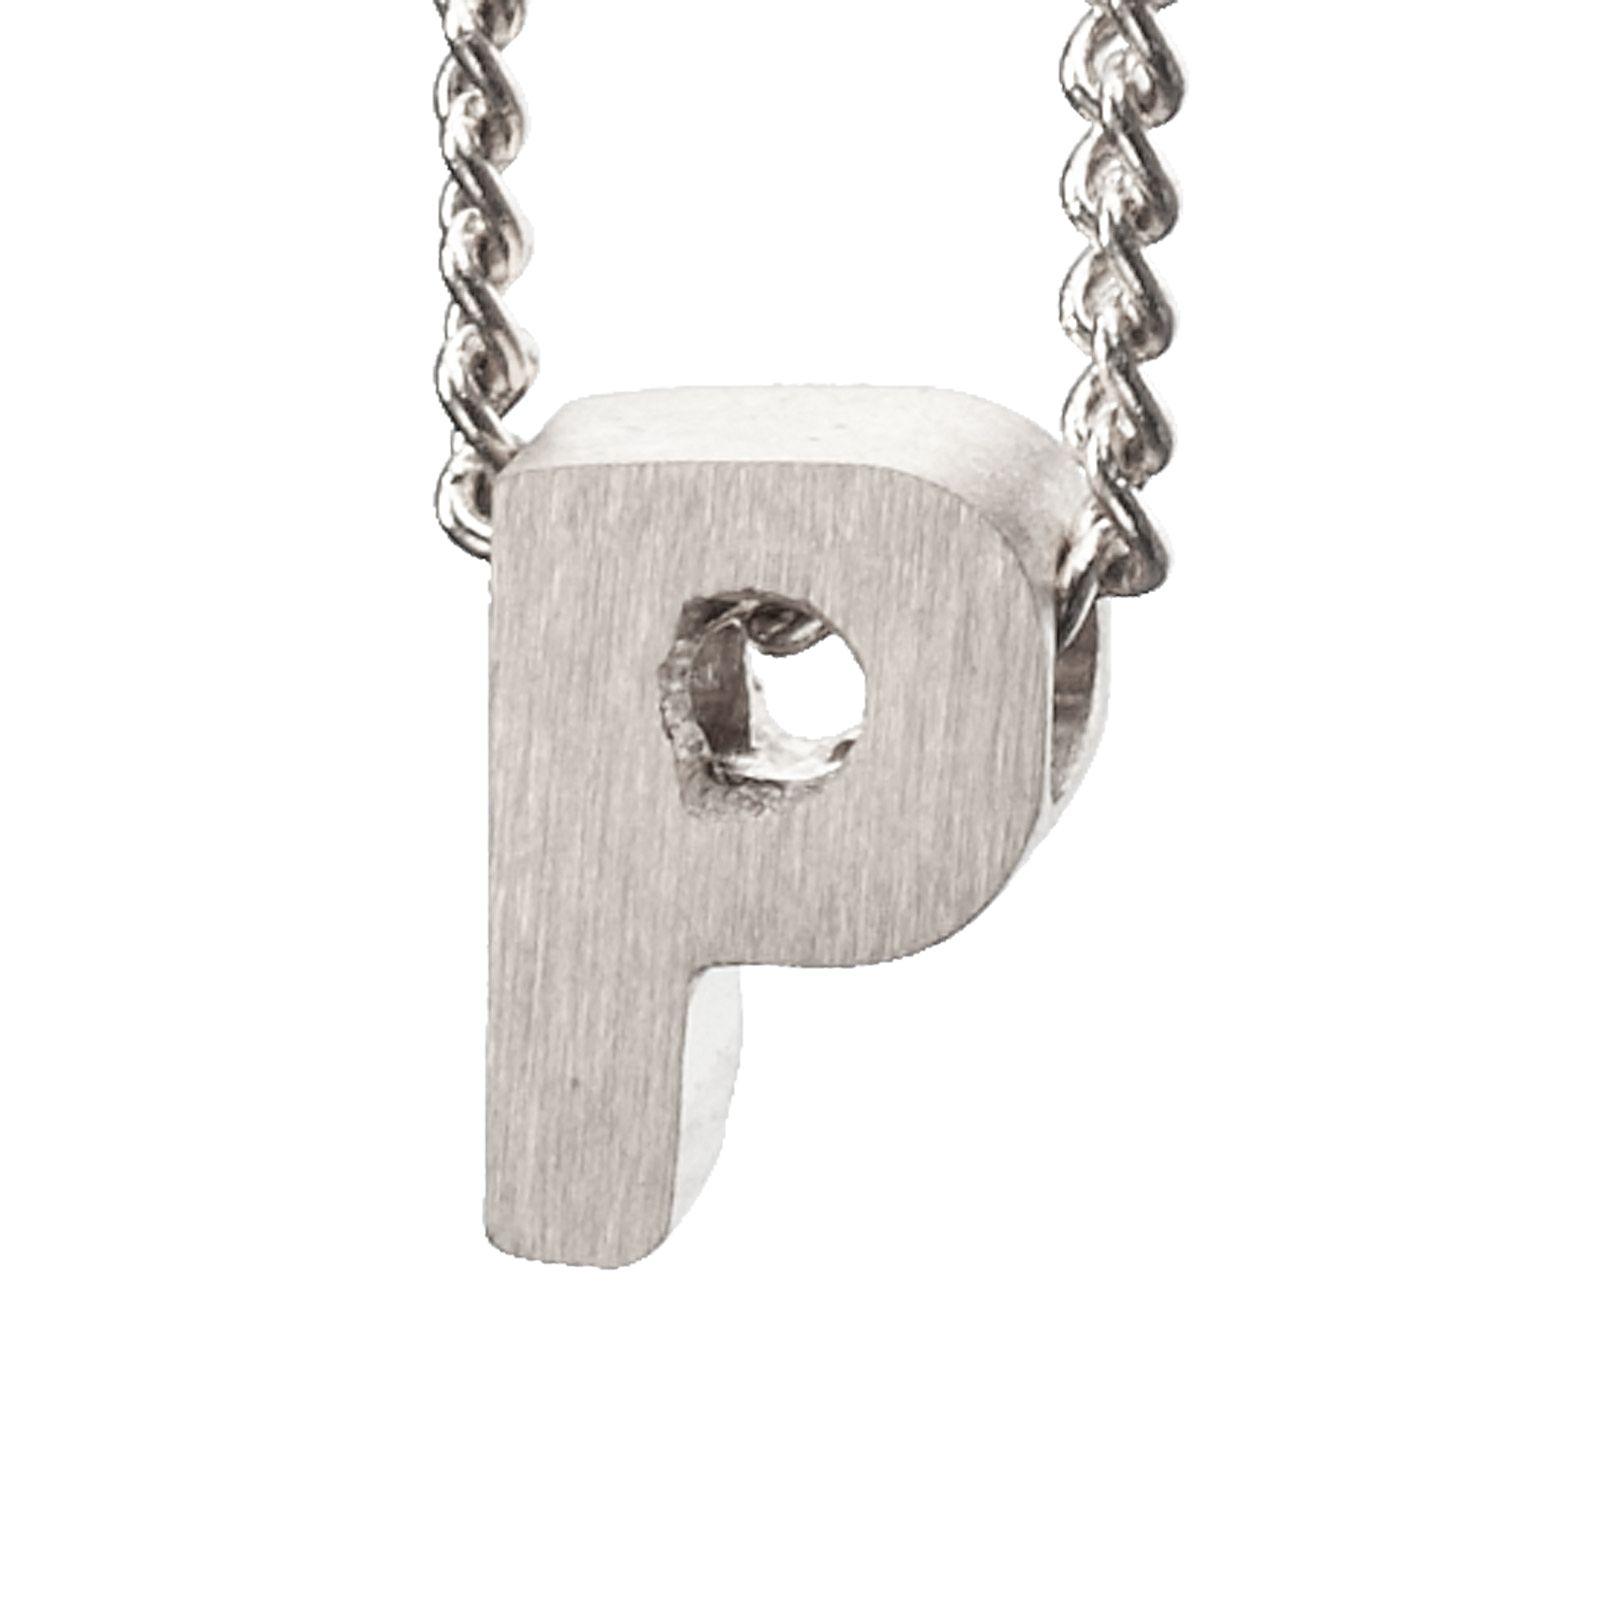 LUZ zilveren bedel letter P